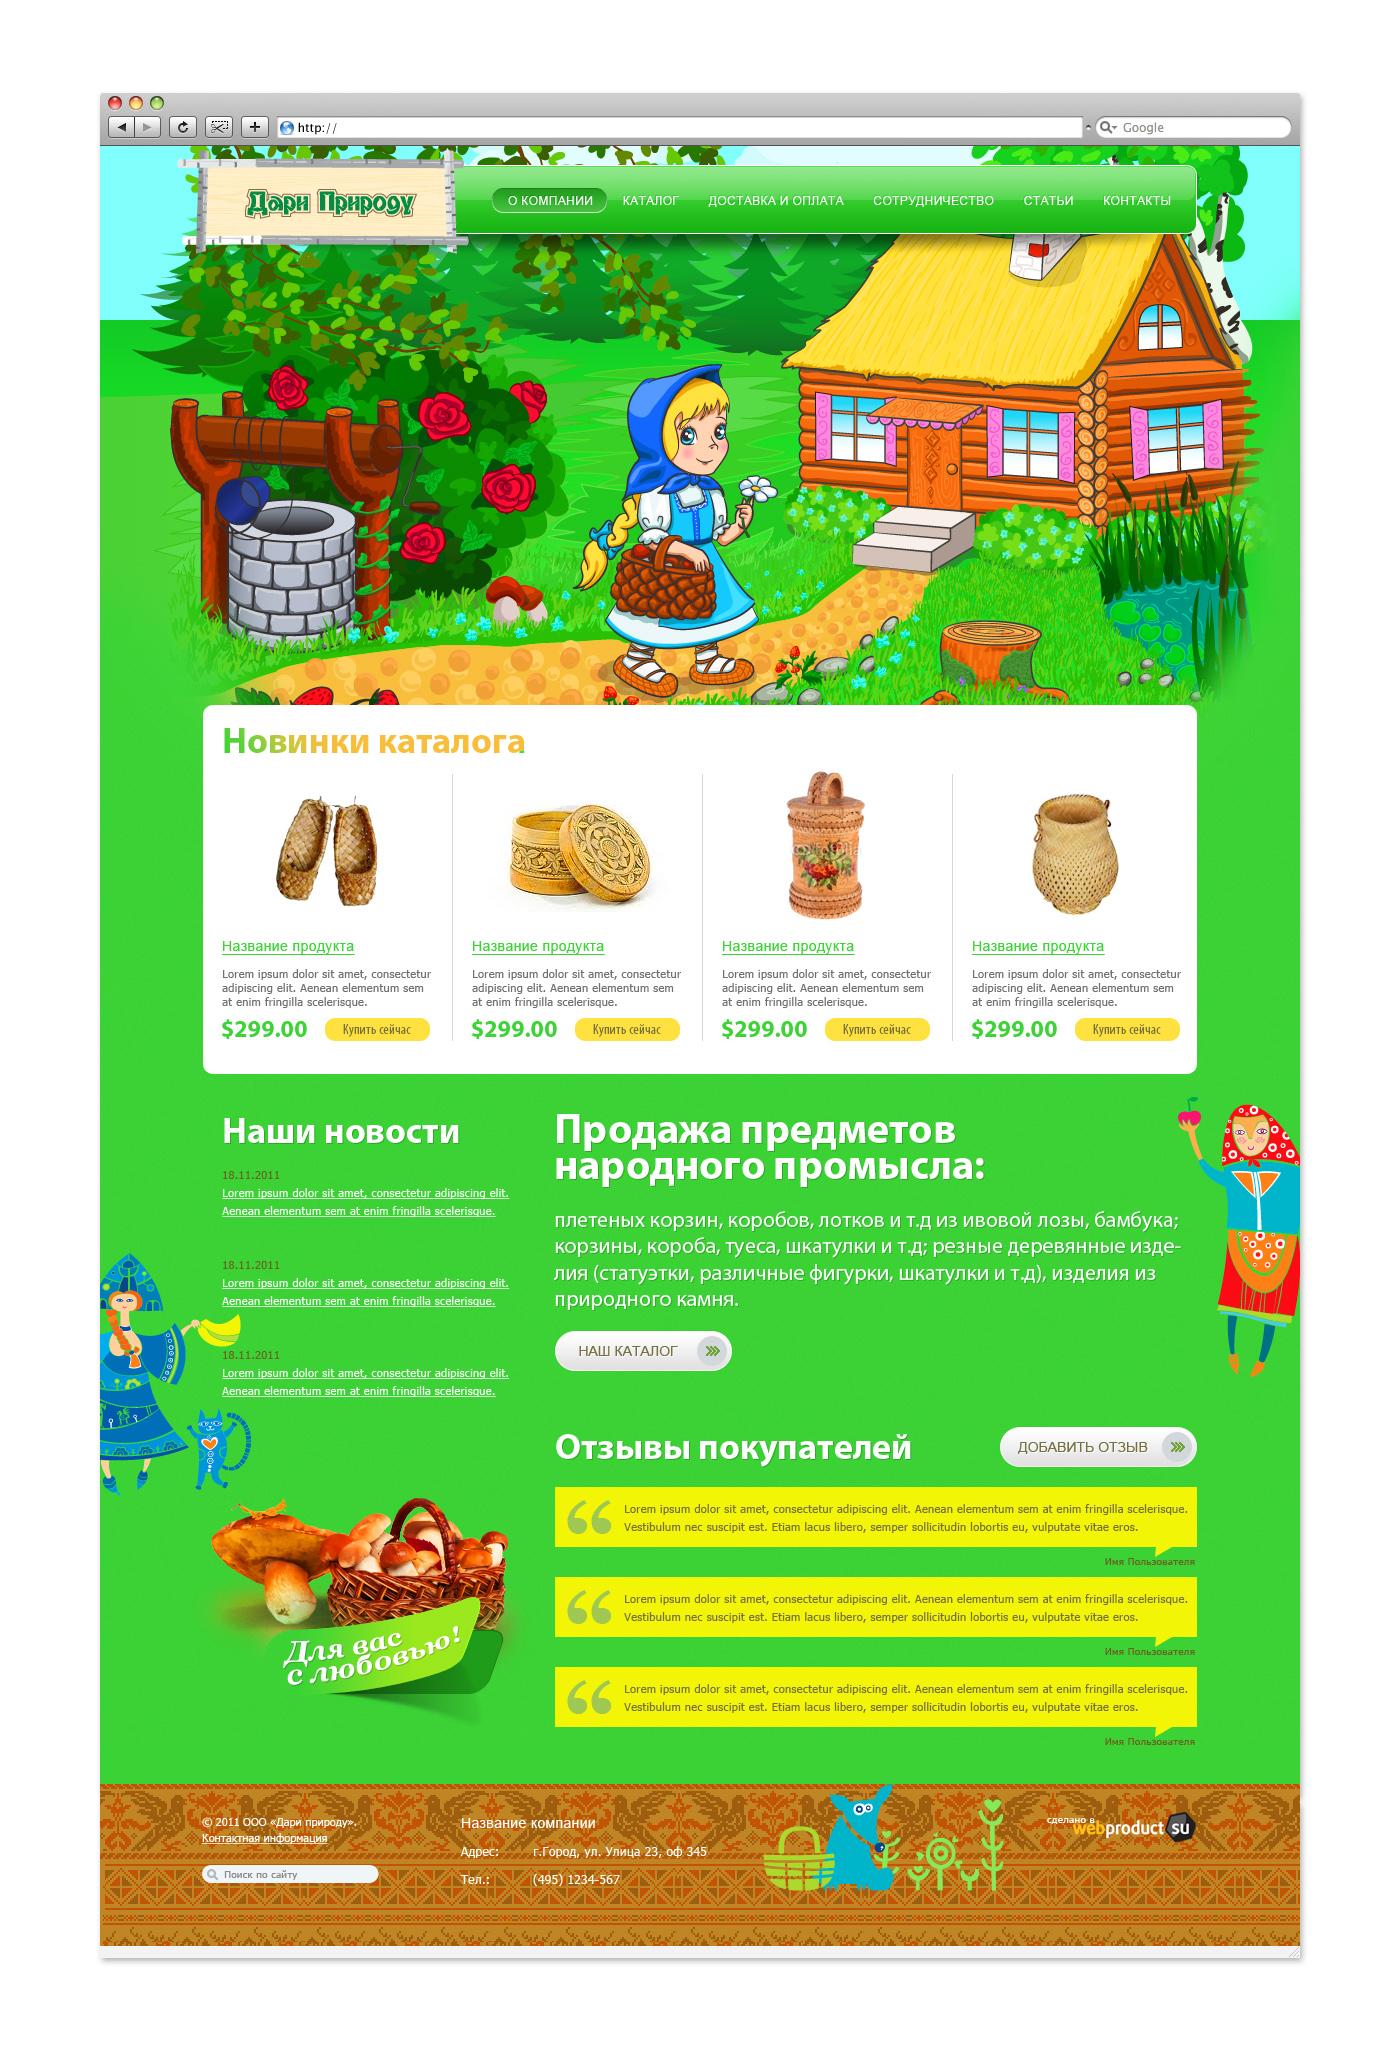 Интернет магазин под ключ ООО «Дари природу» илюстрация в шапки уникальняа